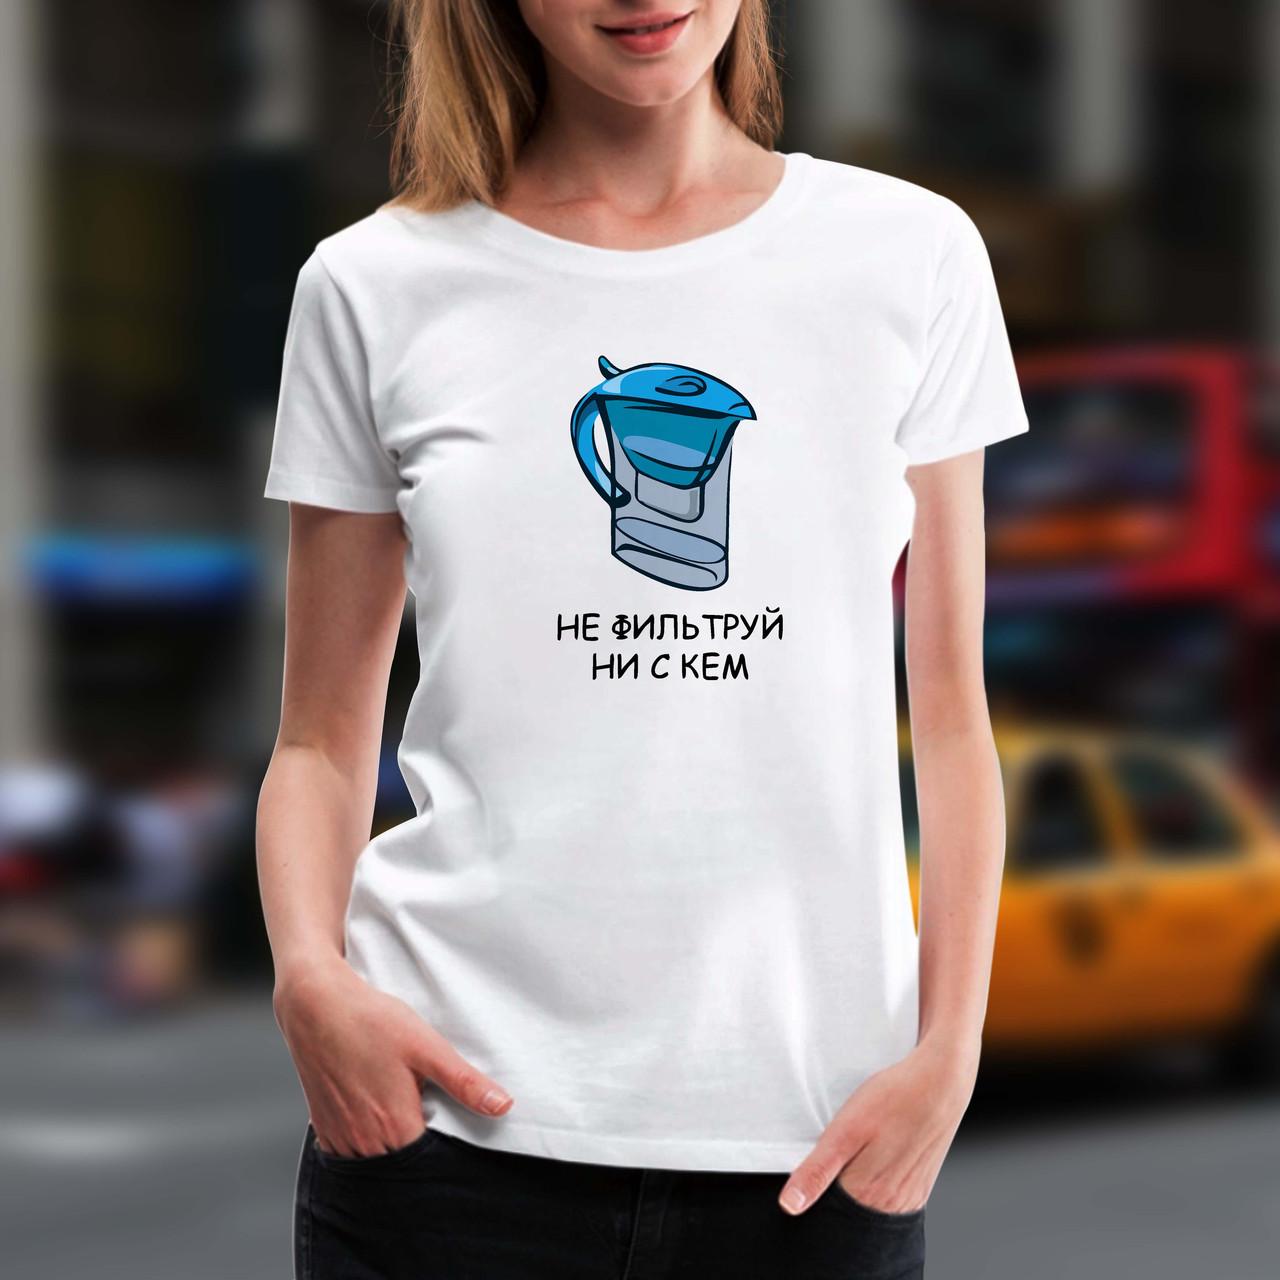 """Жіноча футболка з принтом """"Не фільтруй ні з ким"""" Push IT XS, Білий"""